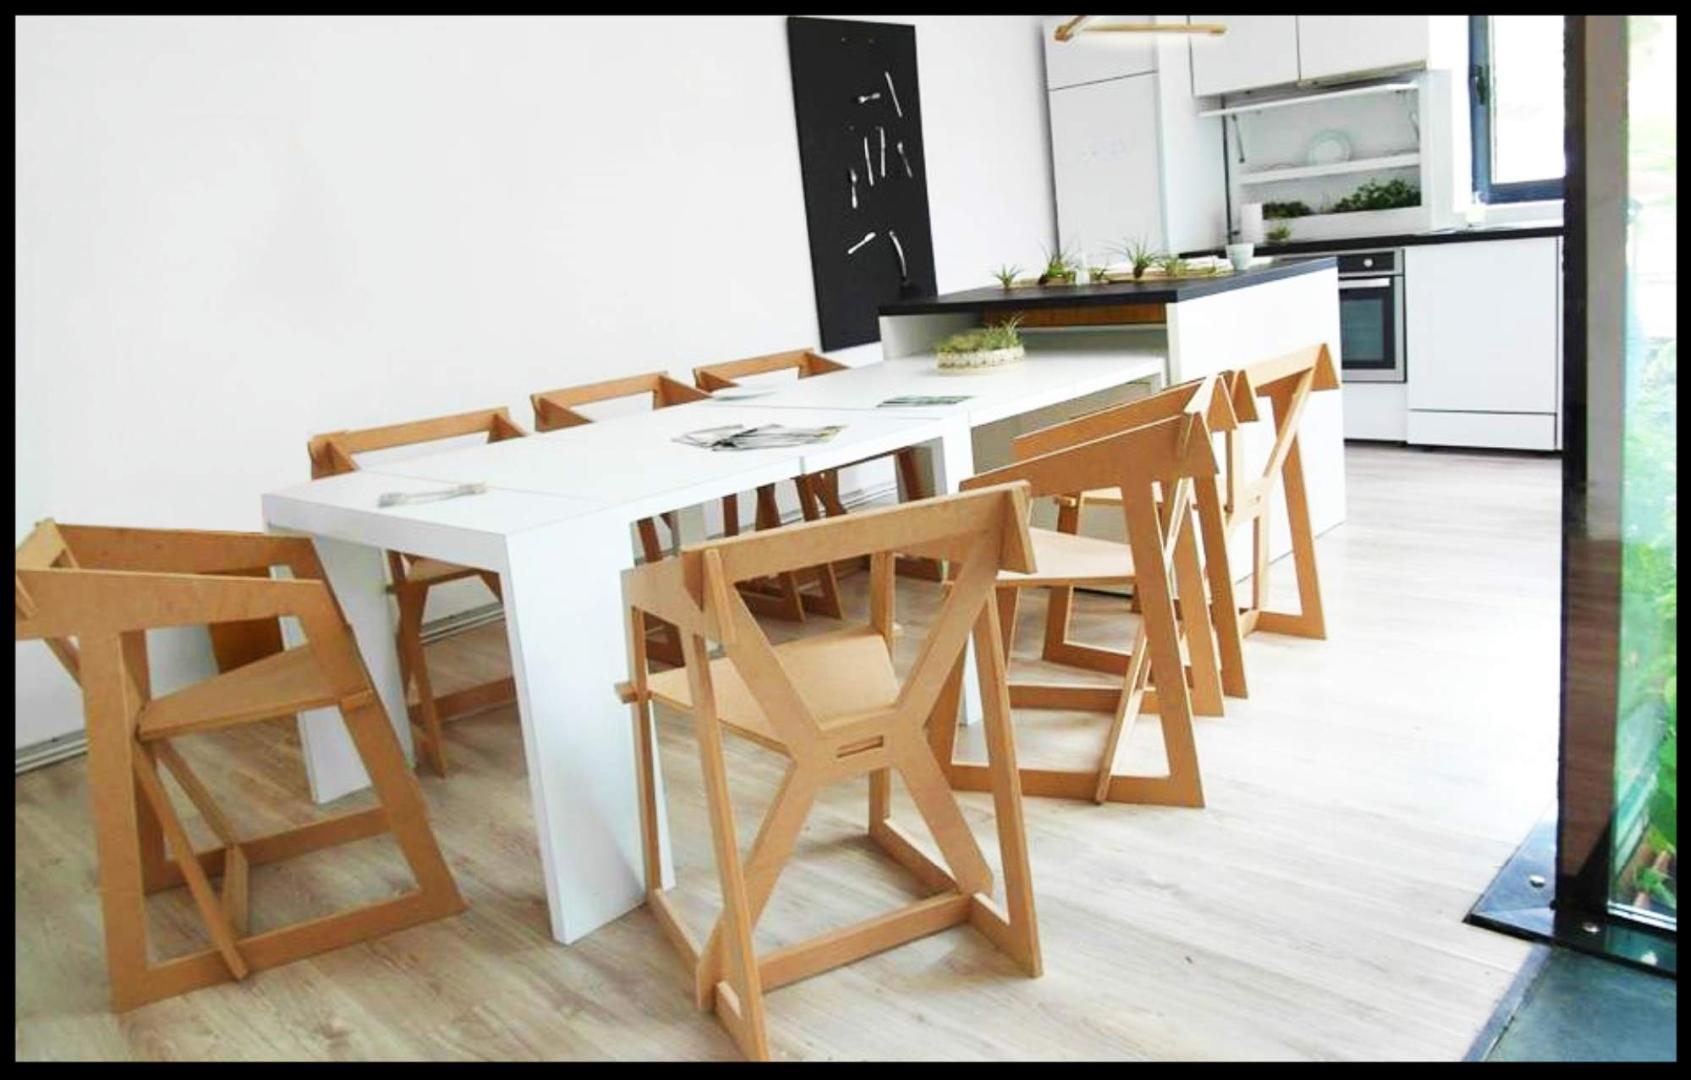 EFdeN mobilier placaj stratificat hpl ultramat bucatarie extensibila dormitor living baie010